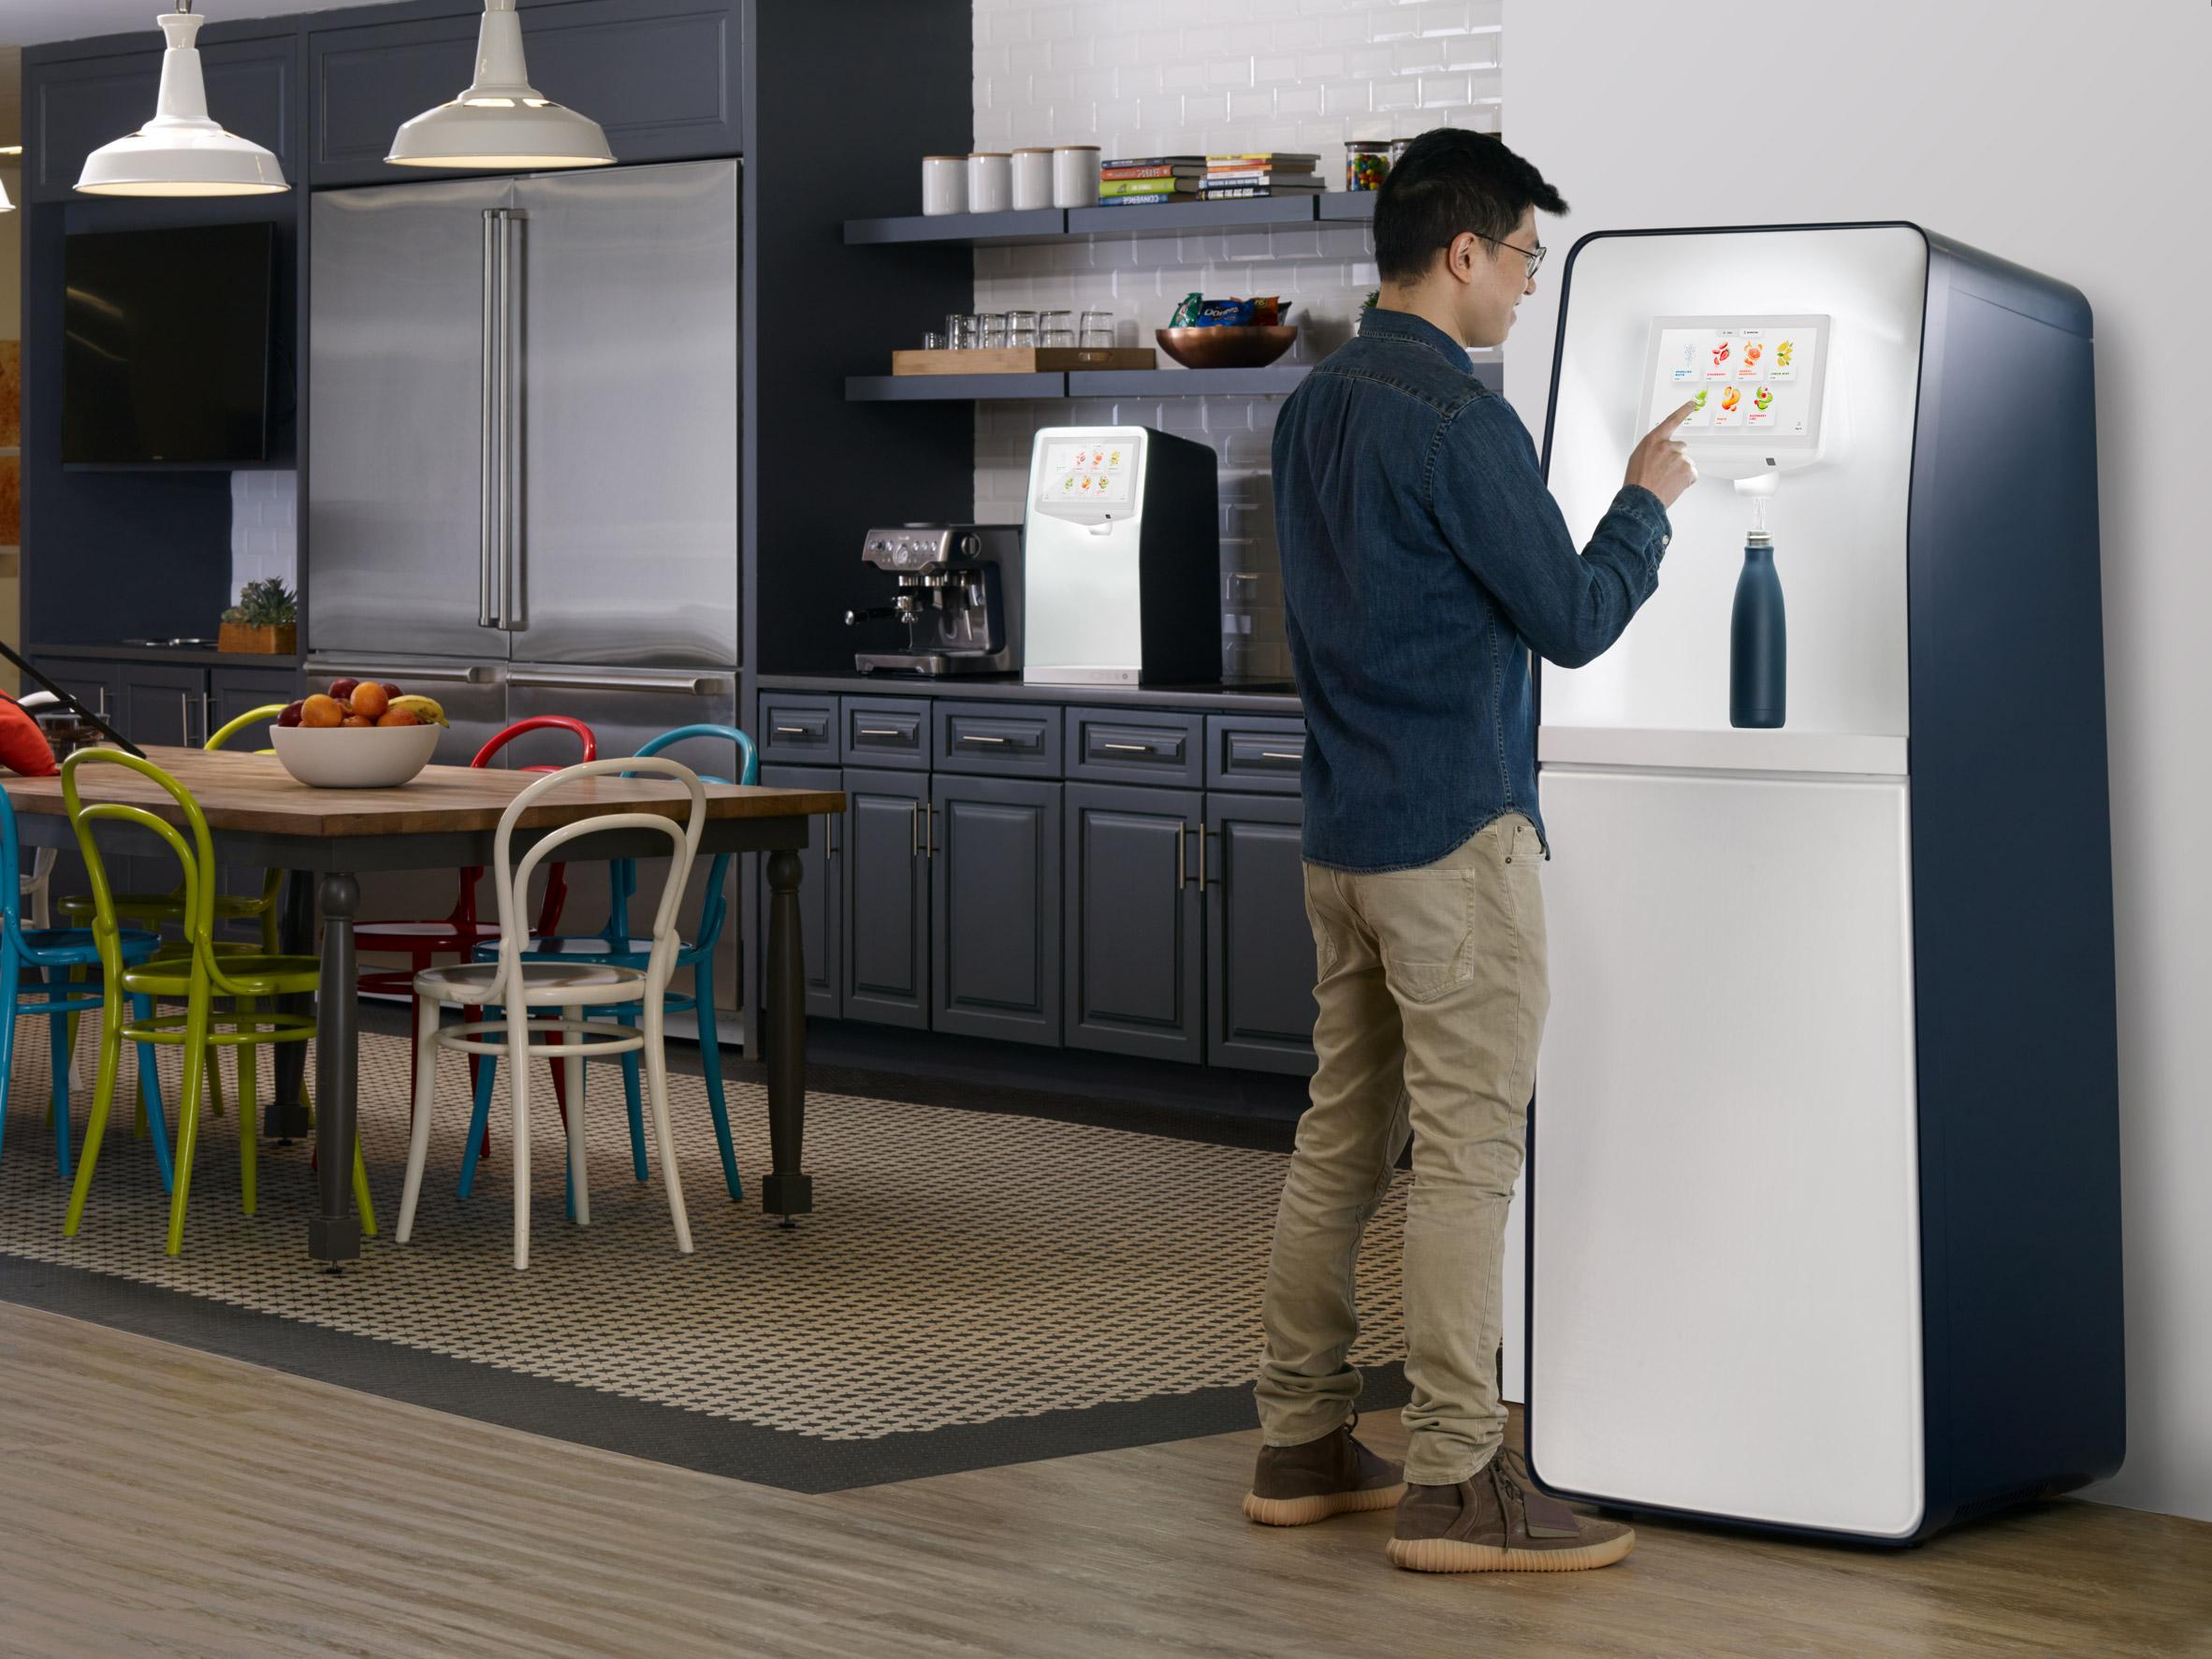 PepsiCo launches drinks dispenser for refillable bottles